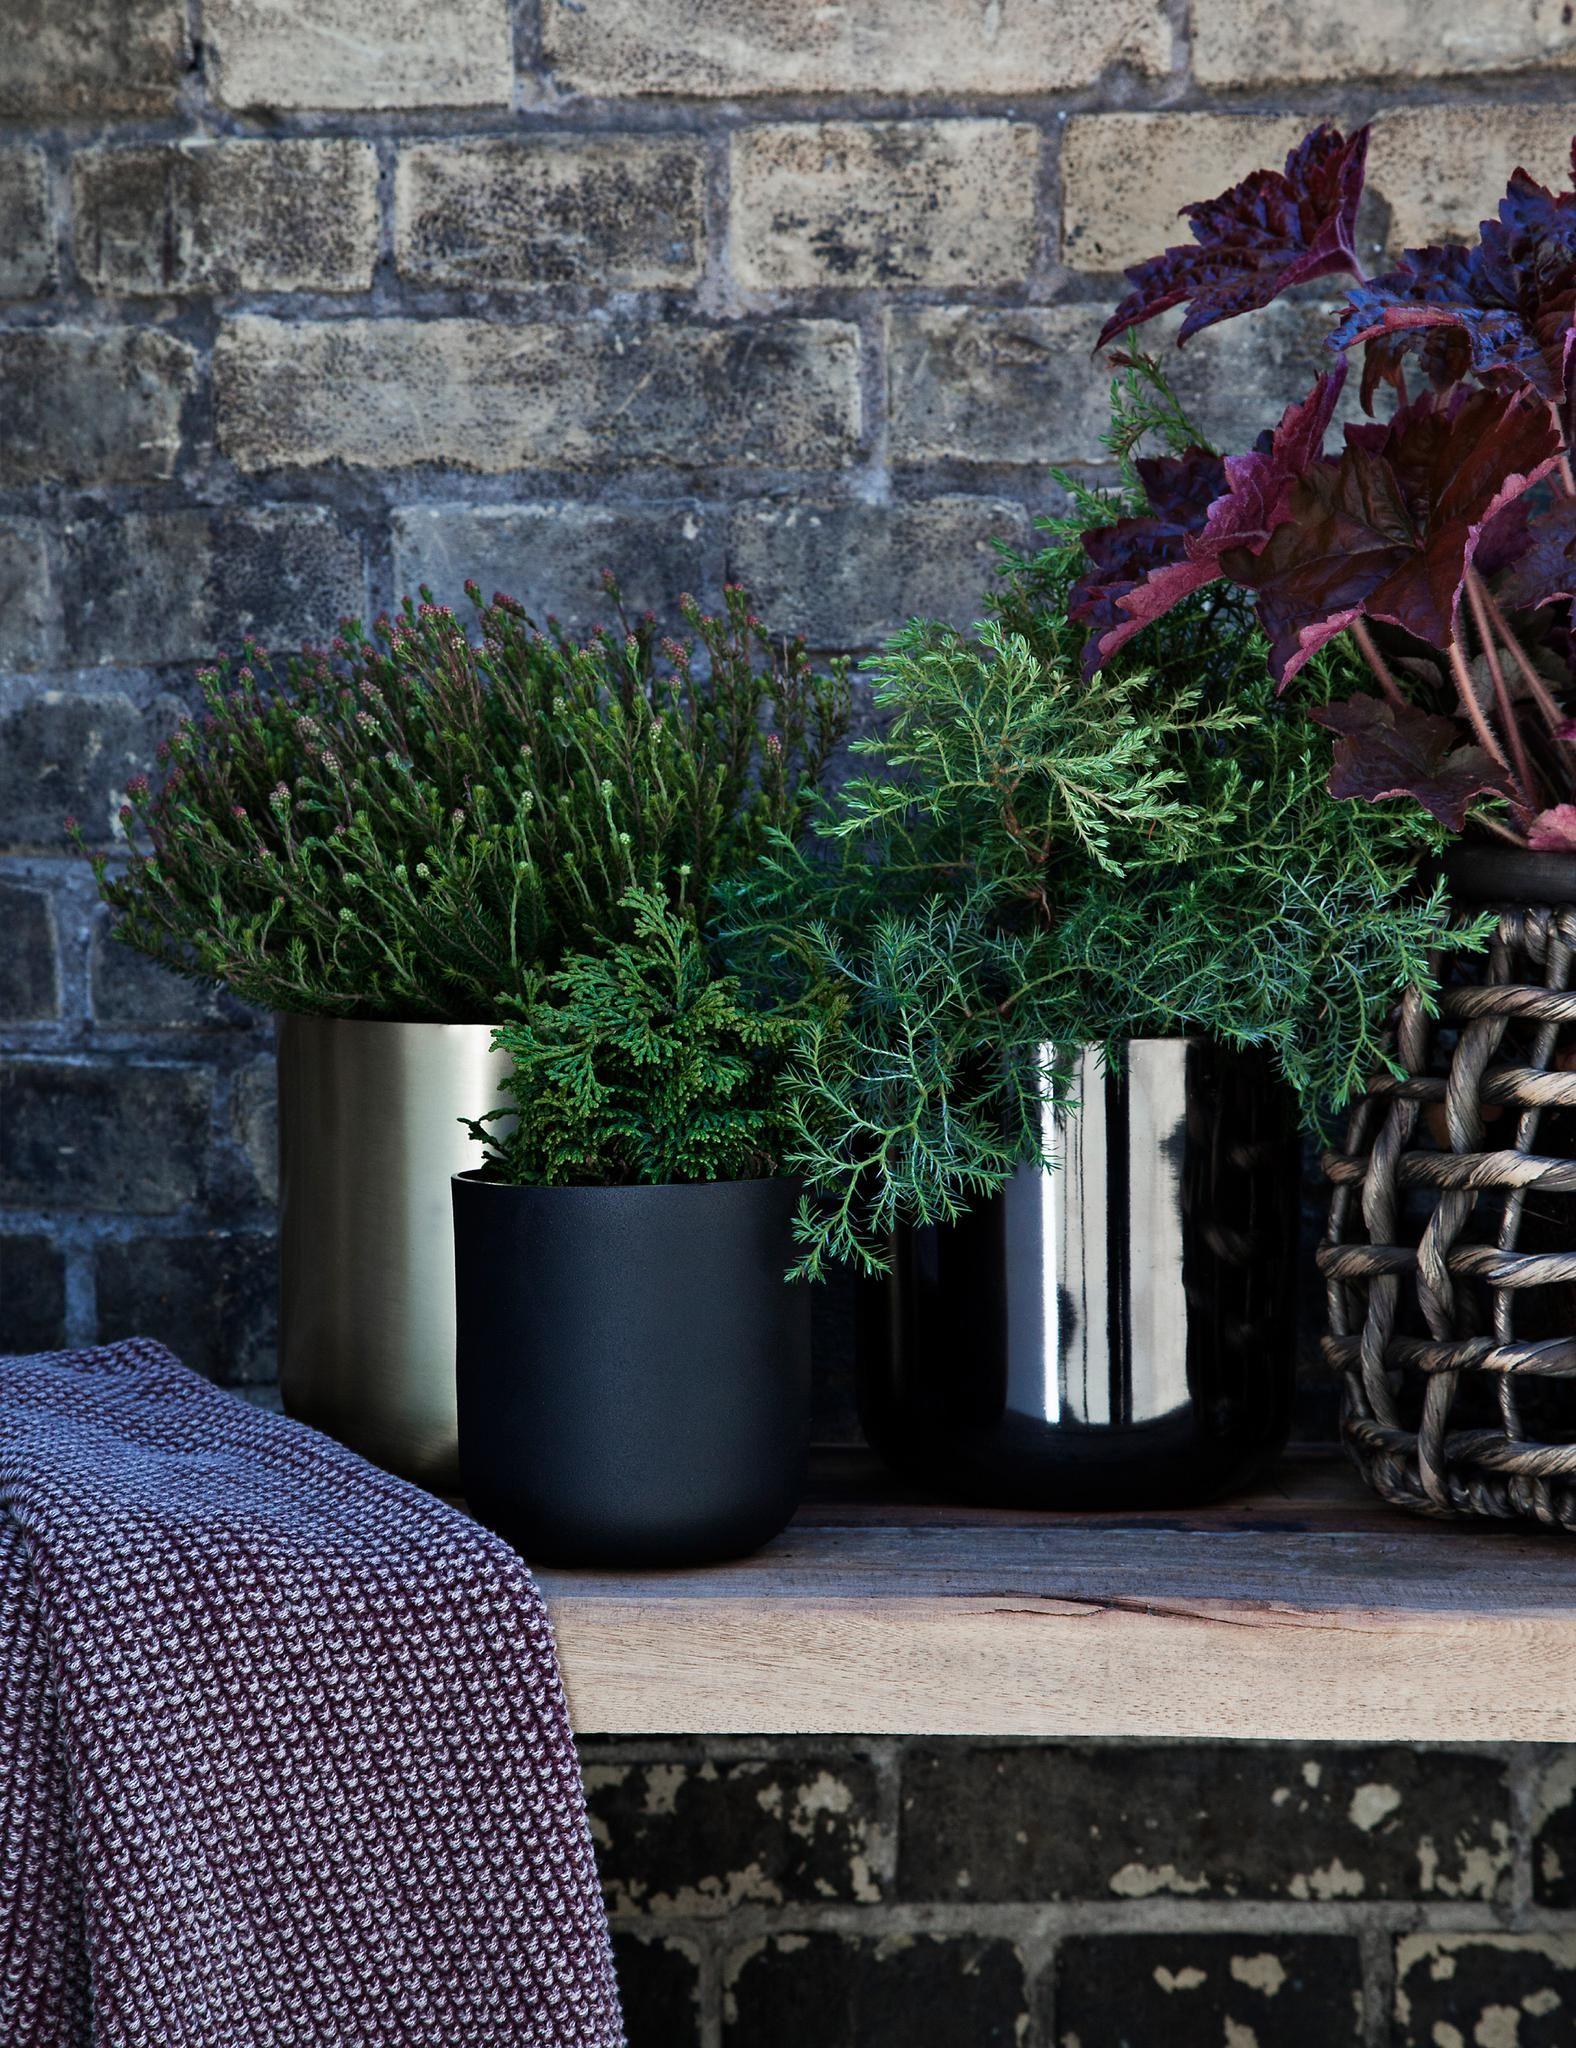 autumn fair nec birmingham cozy living vases